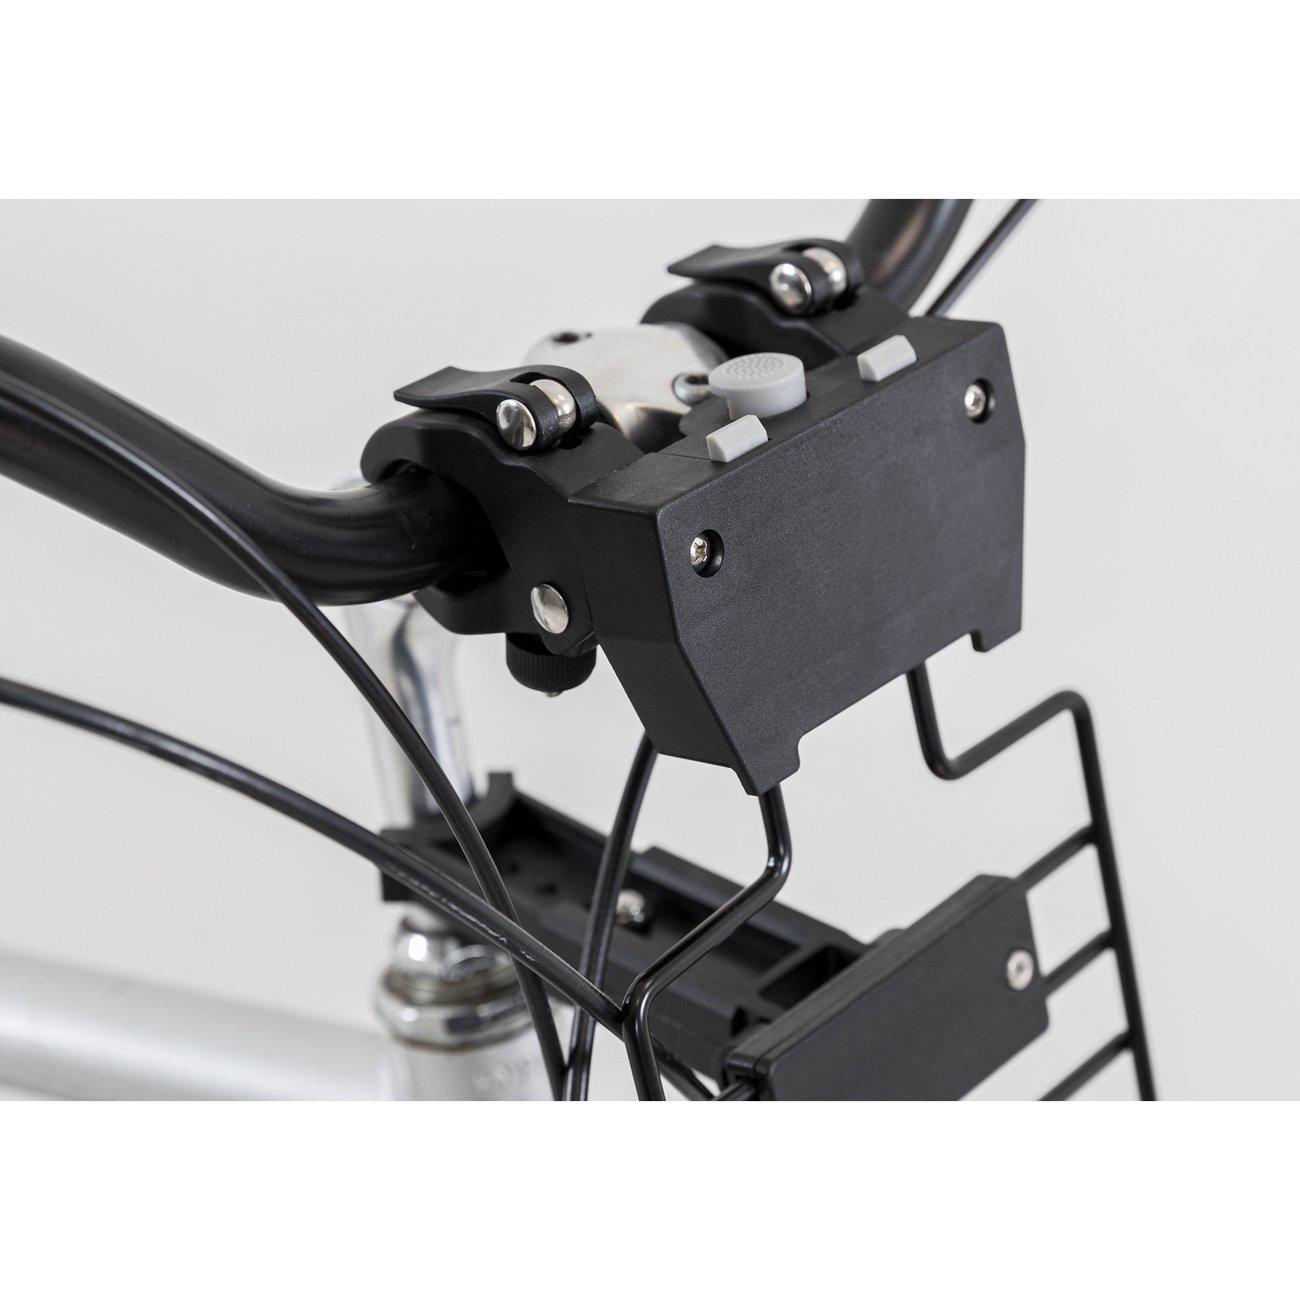 TRIXIE Lenker Front-Fahrradkorb für Hunde 13108, Bild 26